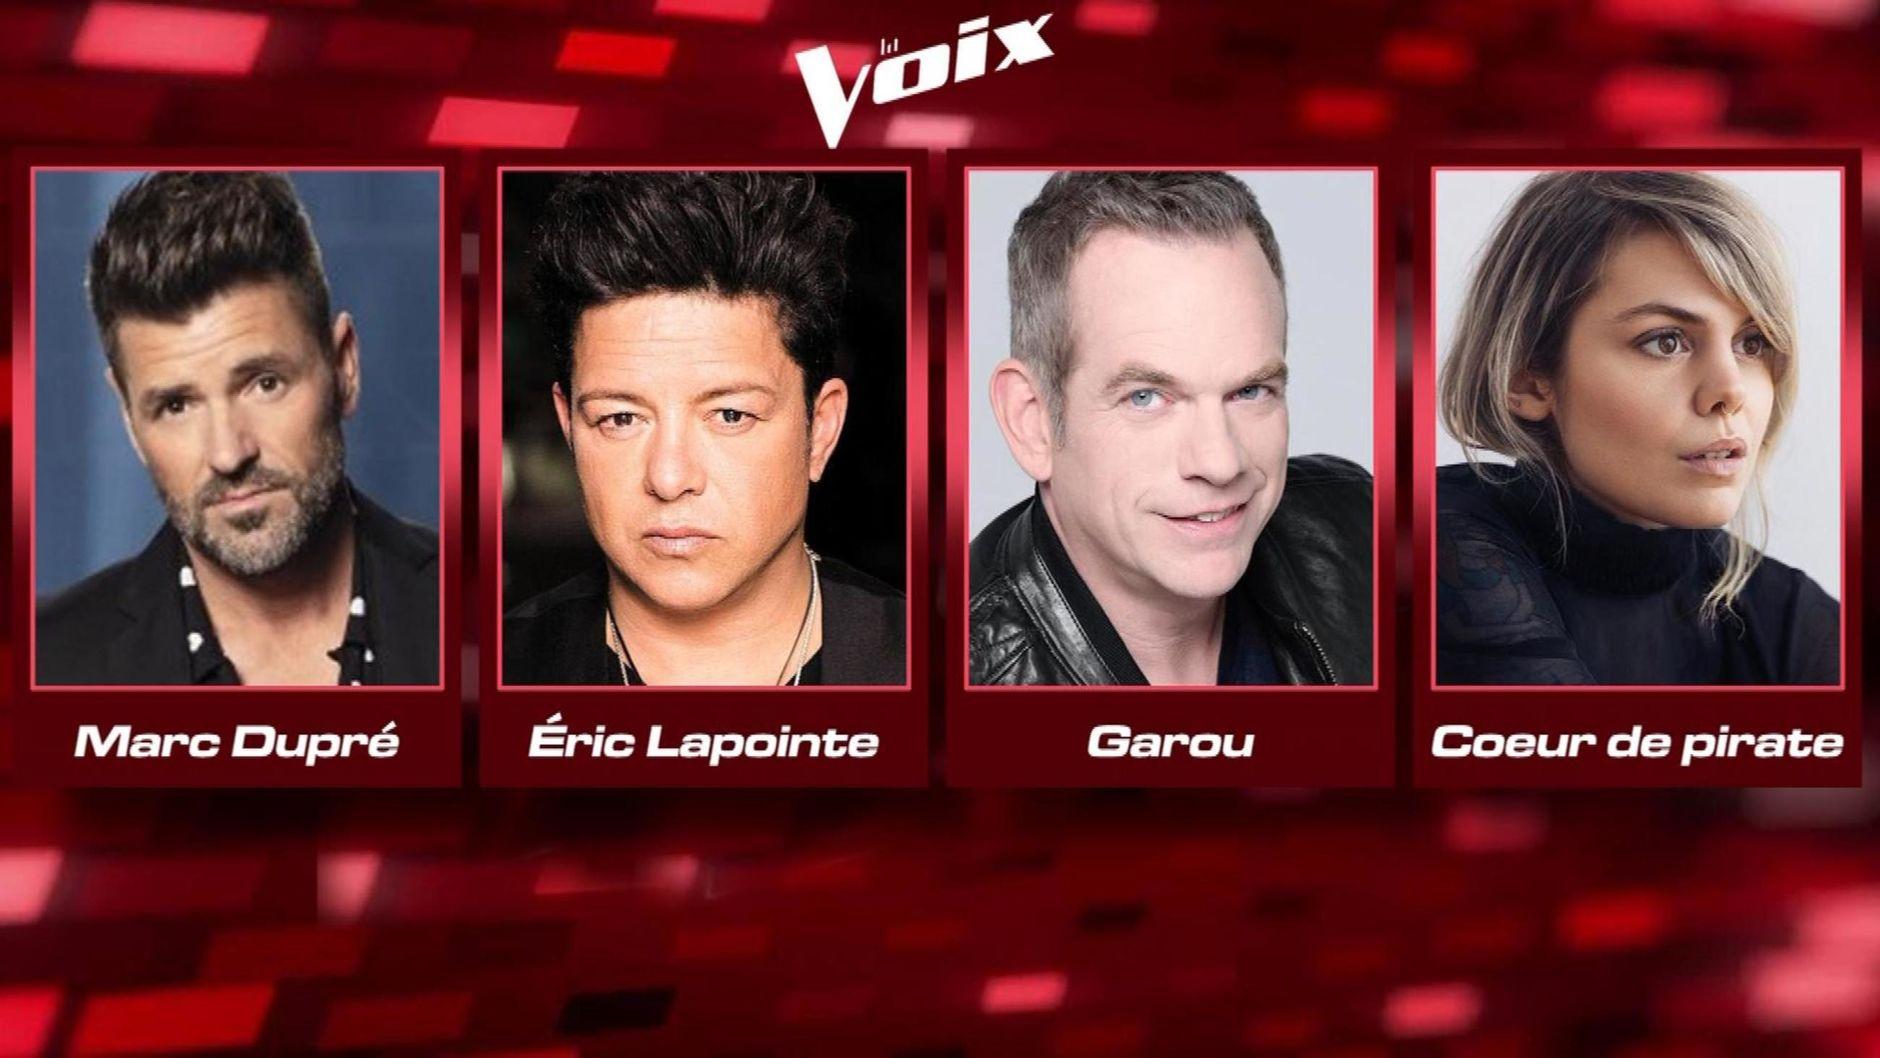 4 coachs la Voix 2020